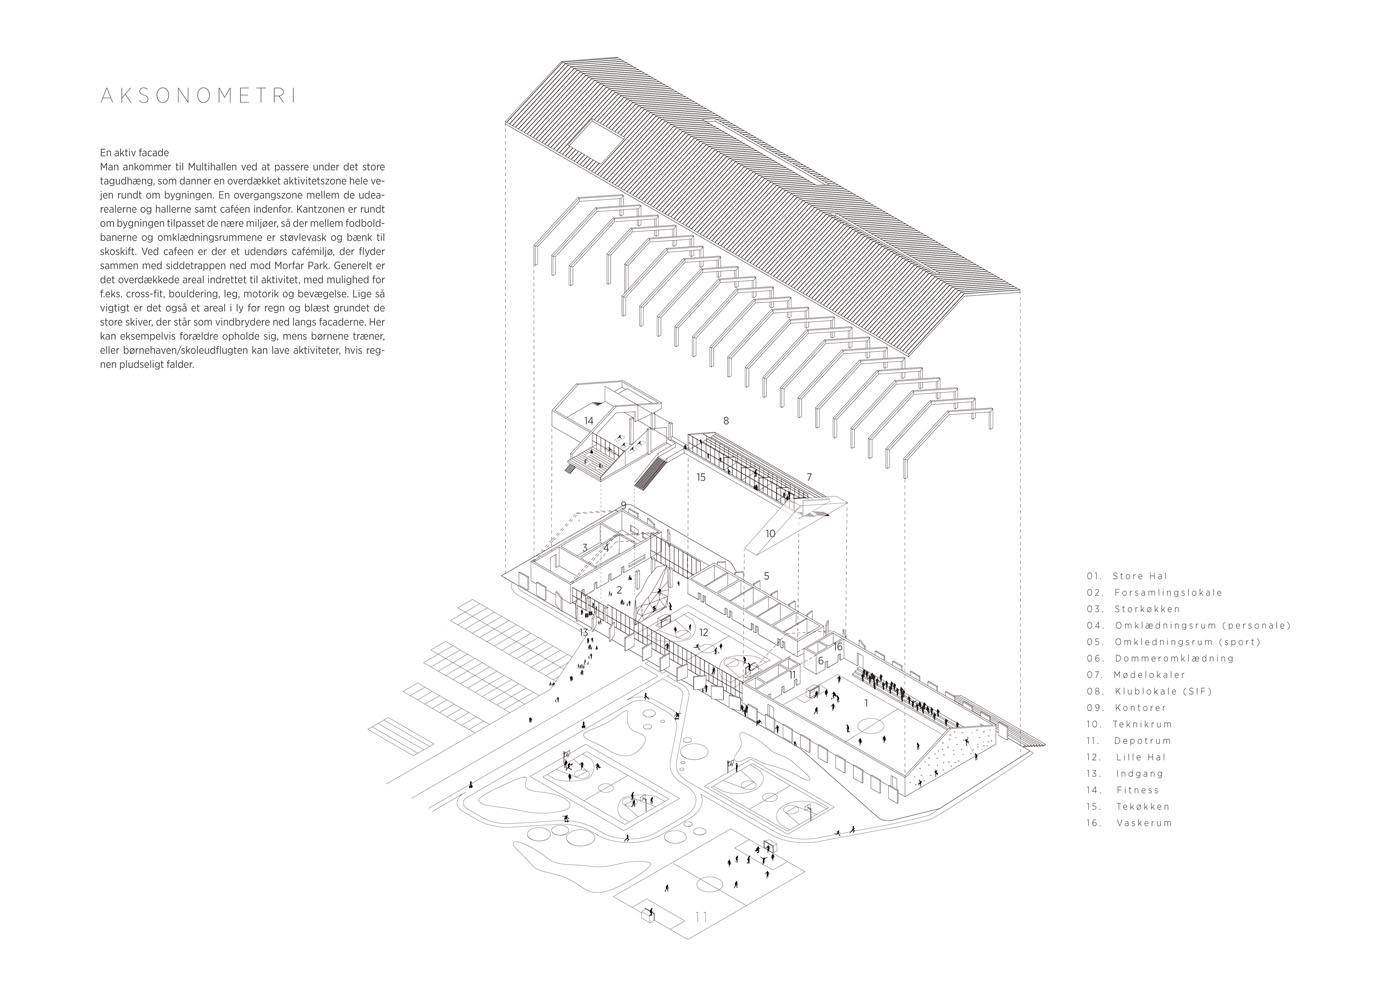 StavtrupMultihal-CFMoller_11